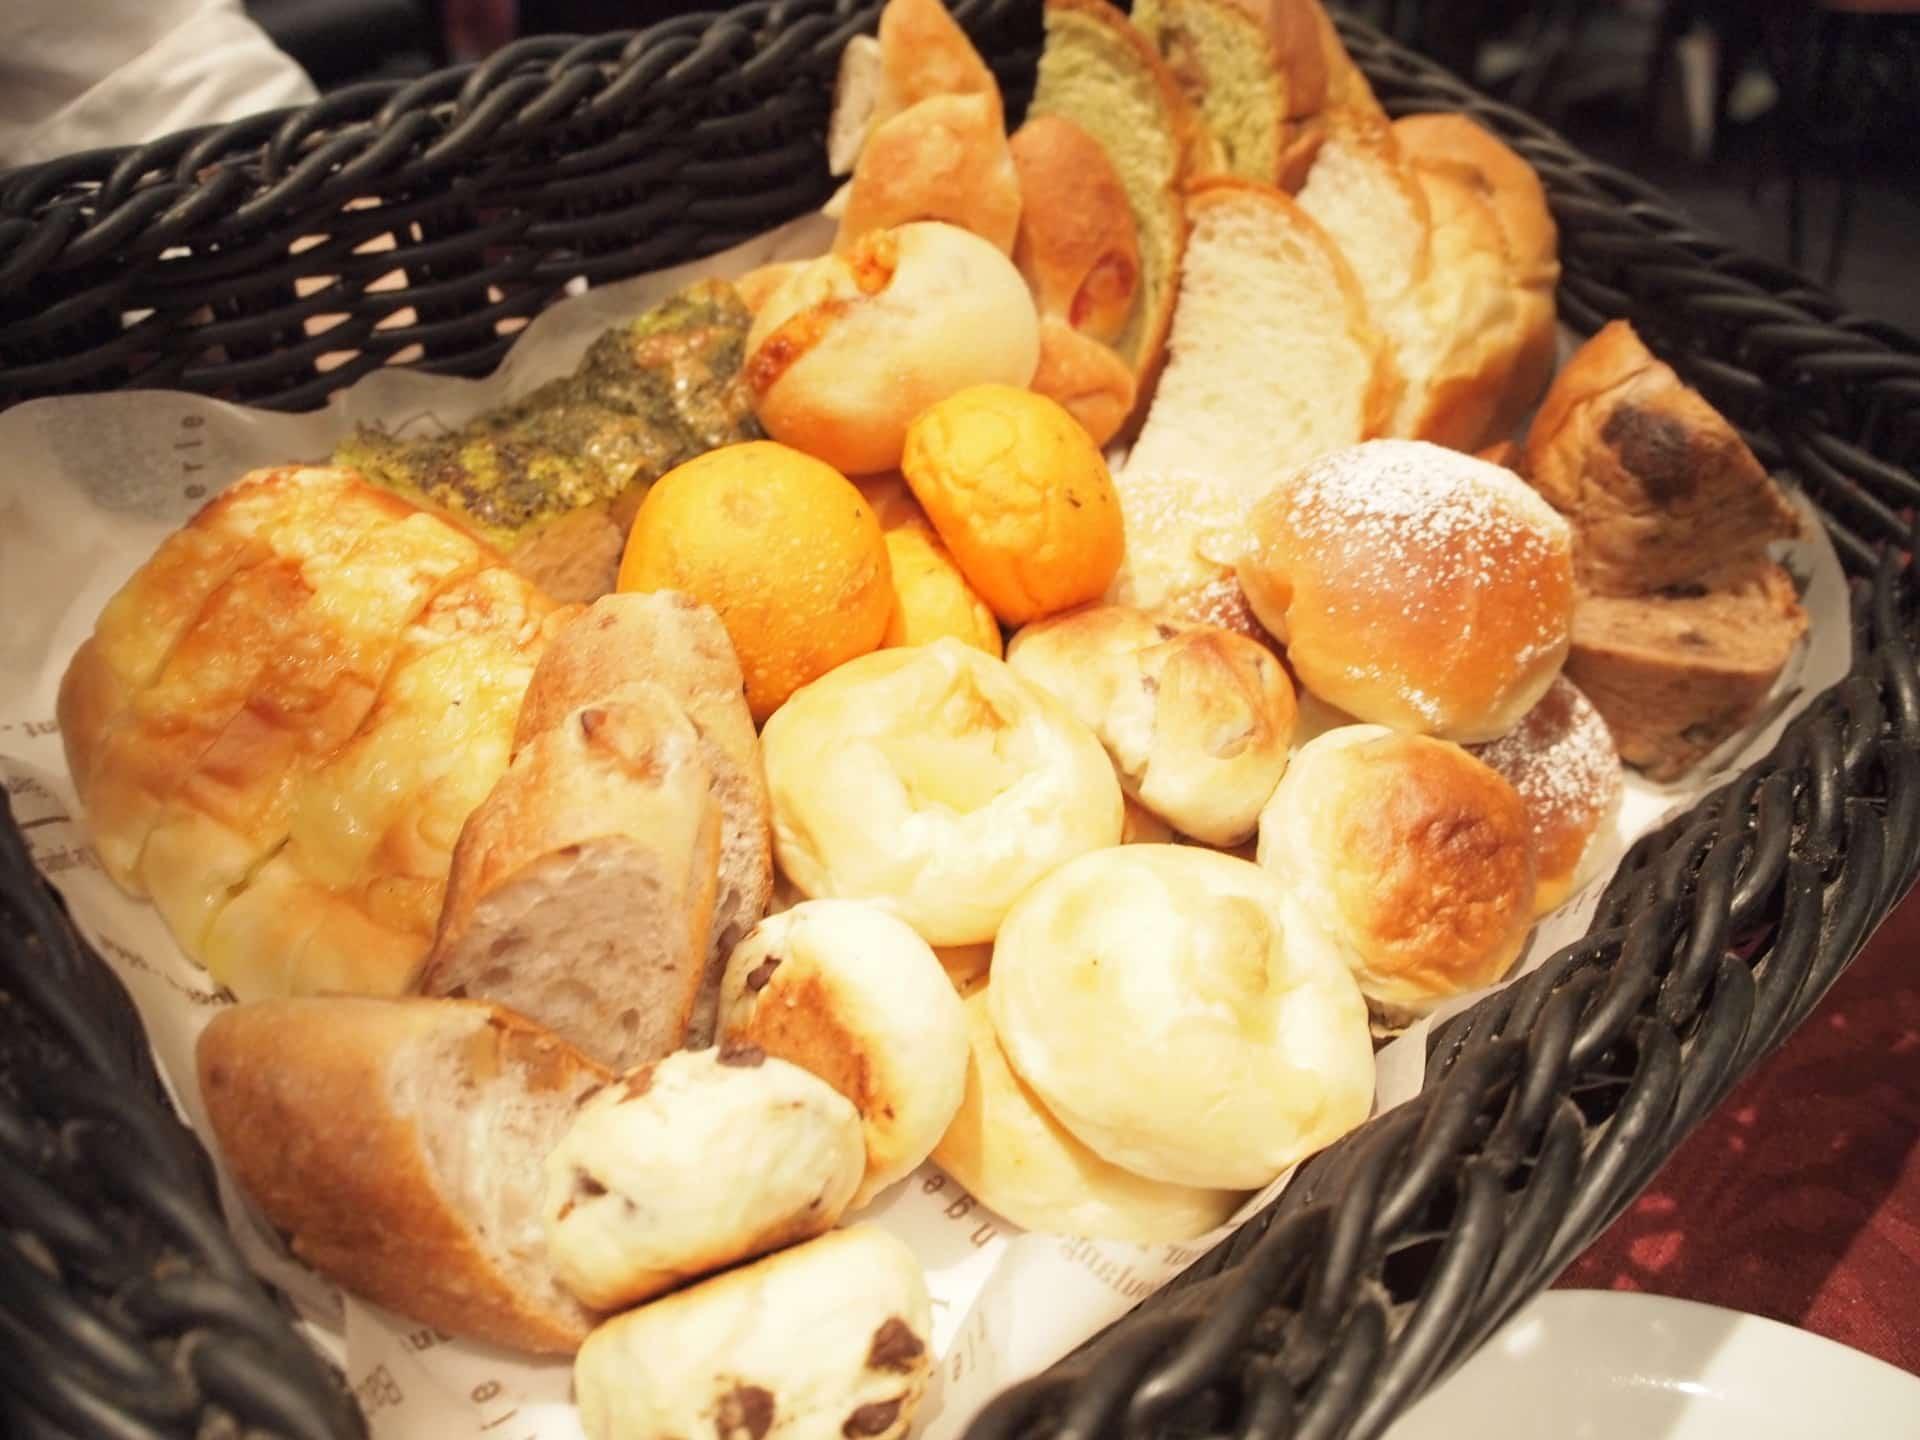 ロビンソン ランチ パン食べ放題 神戸 三宮 バイキング ビュッフェ 食べ放題 おすすめ 人気